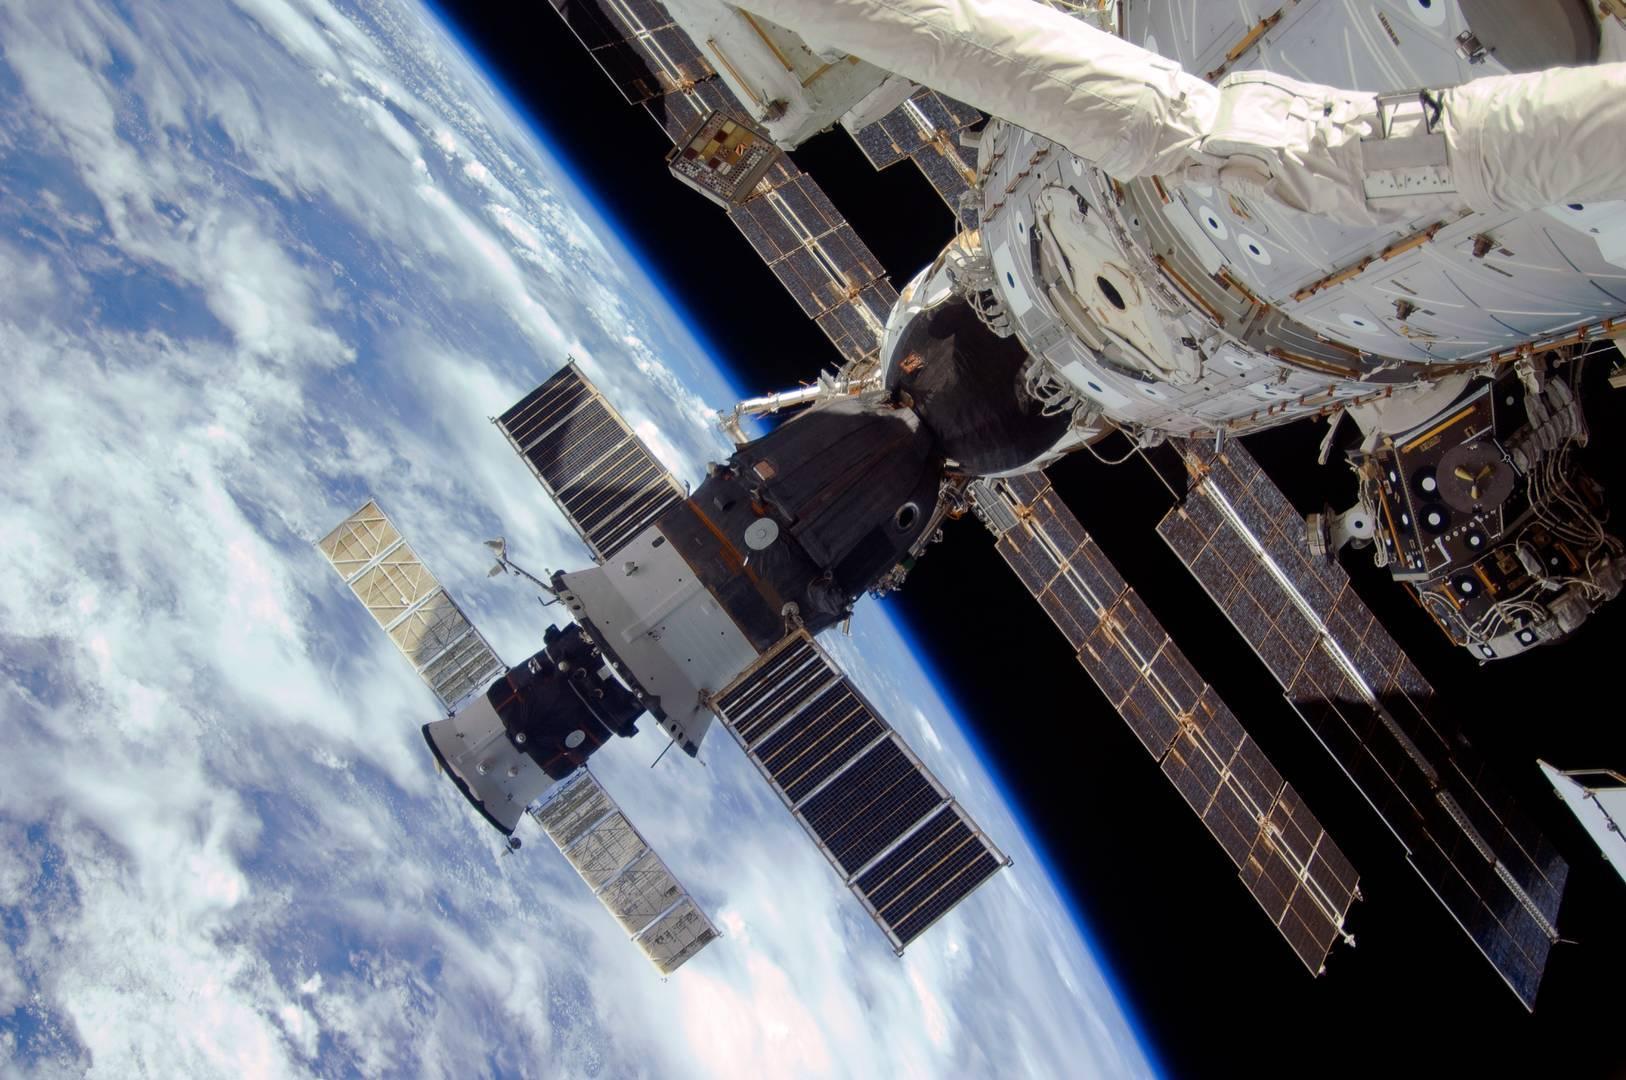 лепестках, фото россии из орбитальной станции отличное решение для